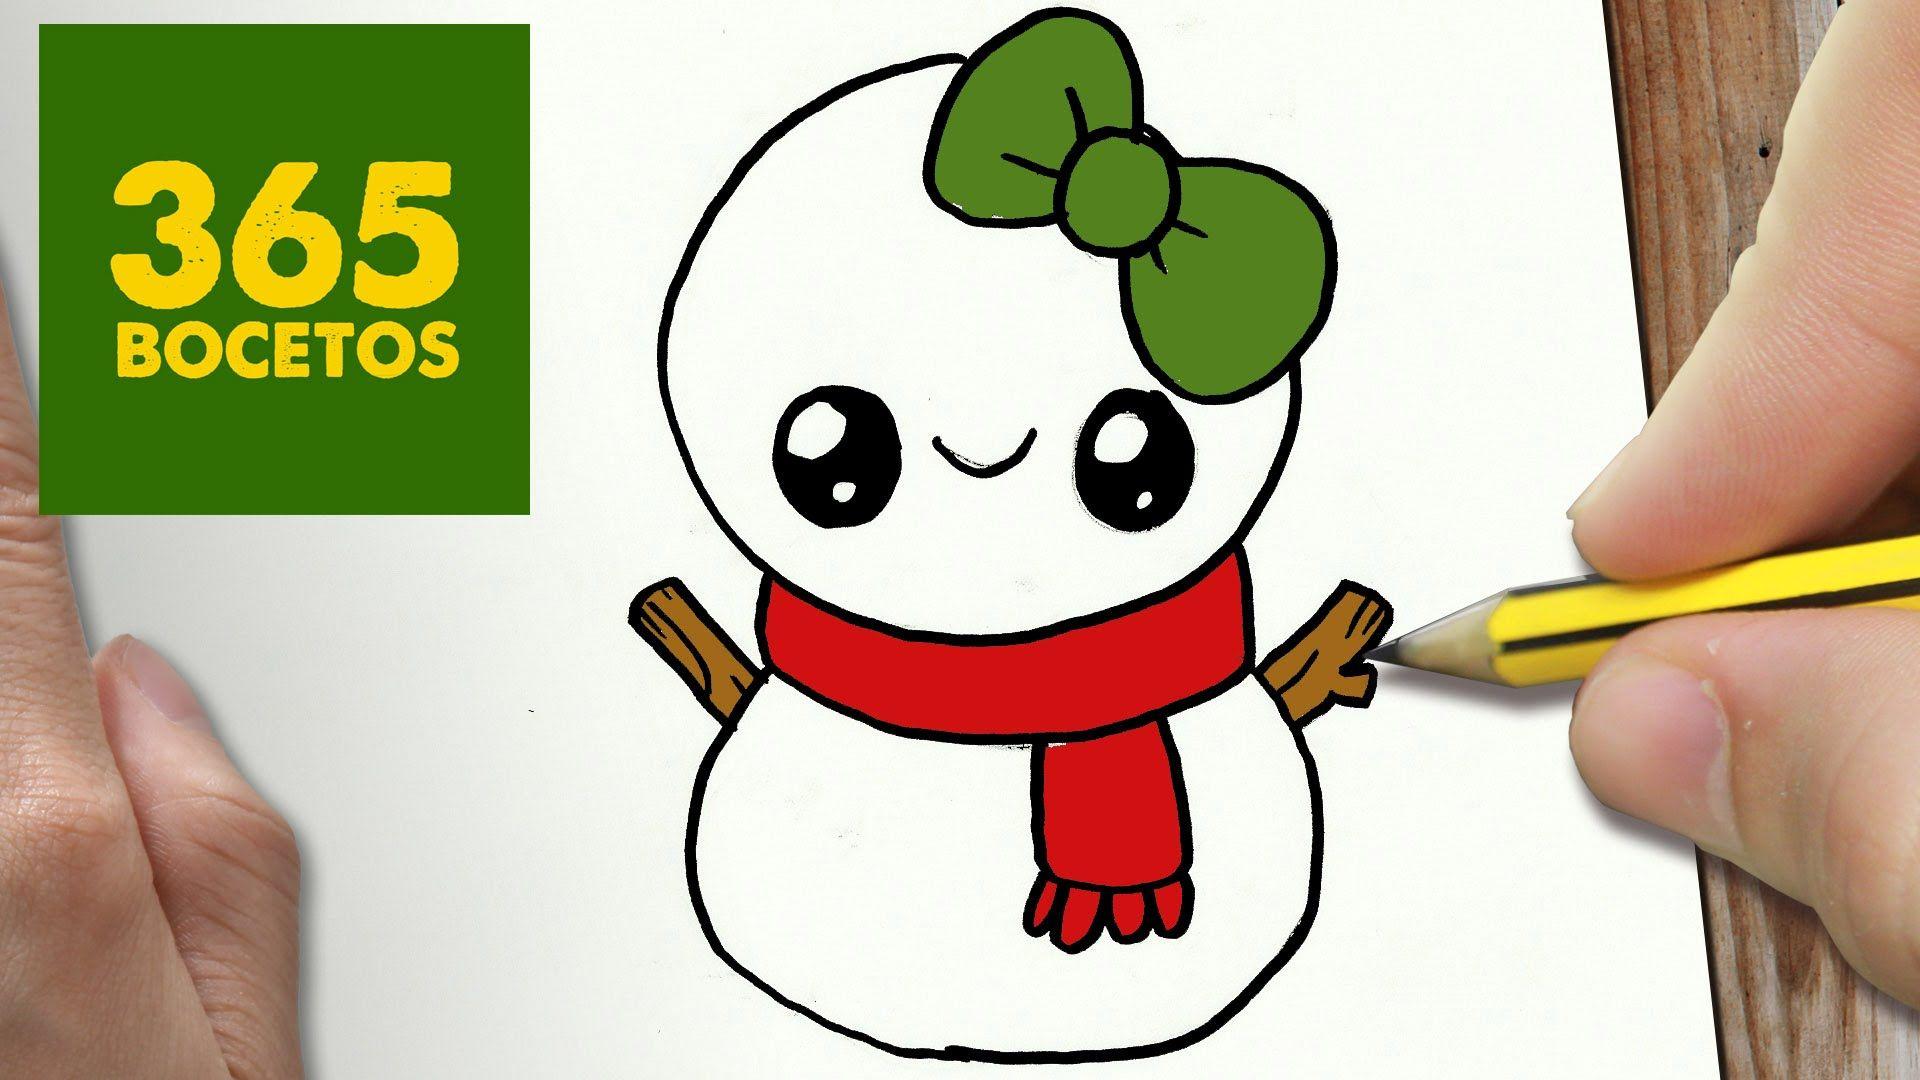 Muñeco De Nieve Dibujo: COMO DIBUJAR UN MUÑECO DE NIEVE PARA NAVIDAD PASO A PASO